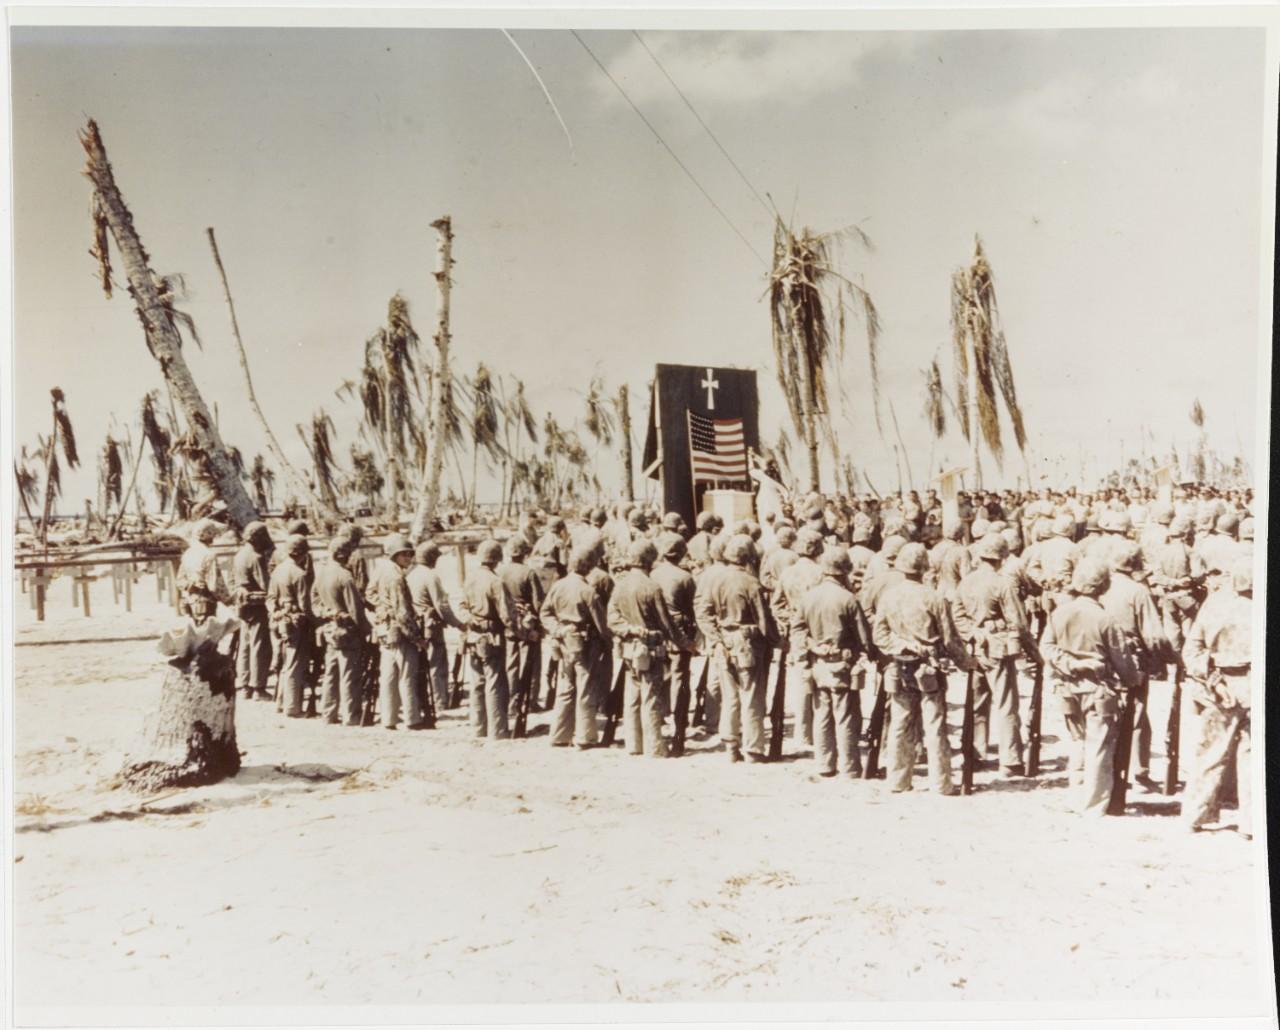 USMC 67697 Tarawa Operation November 1943